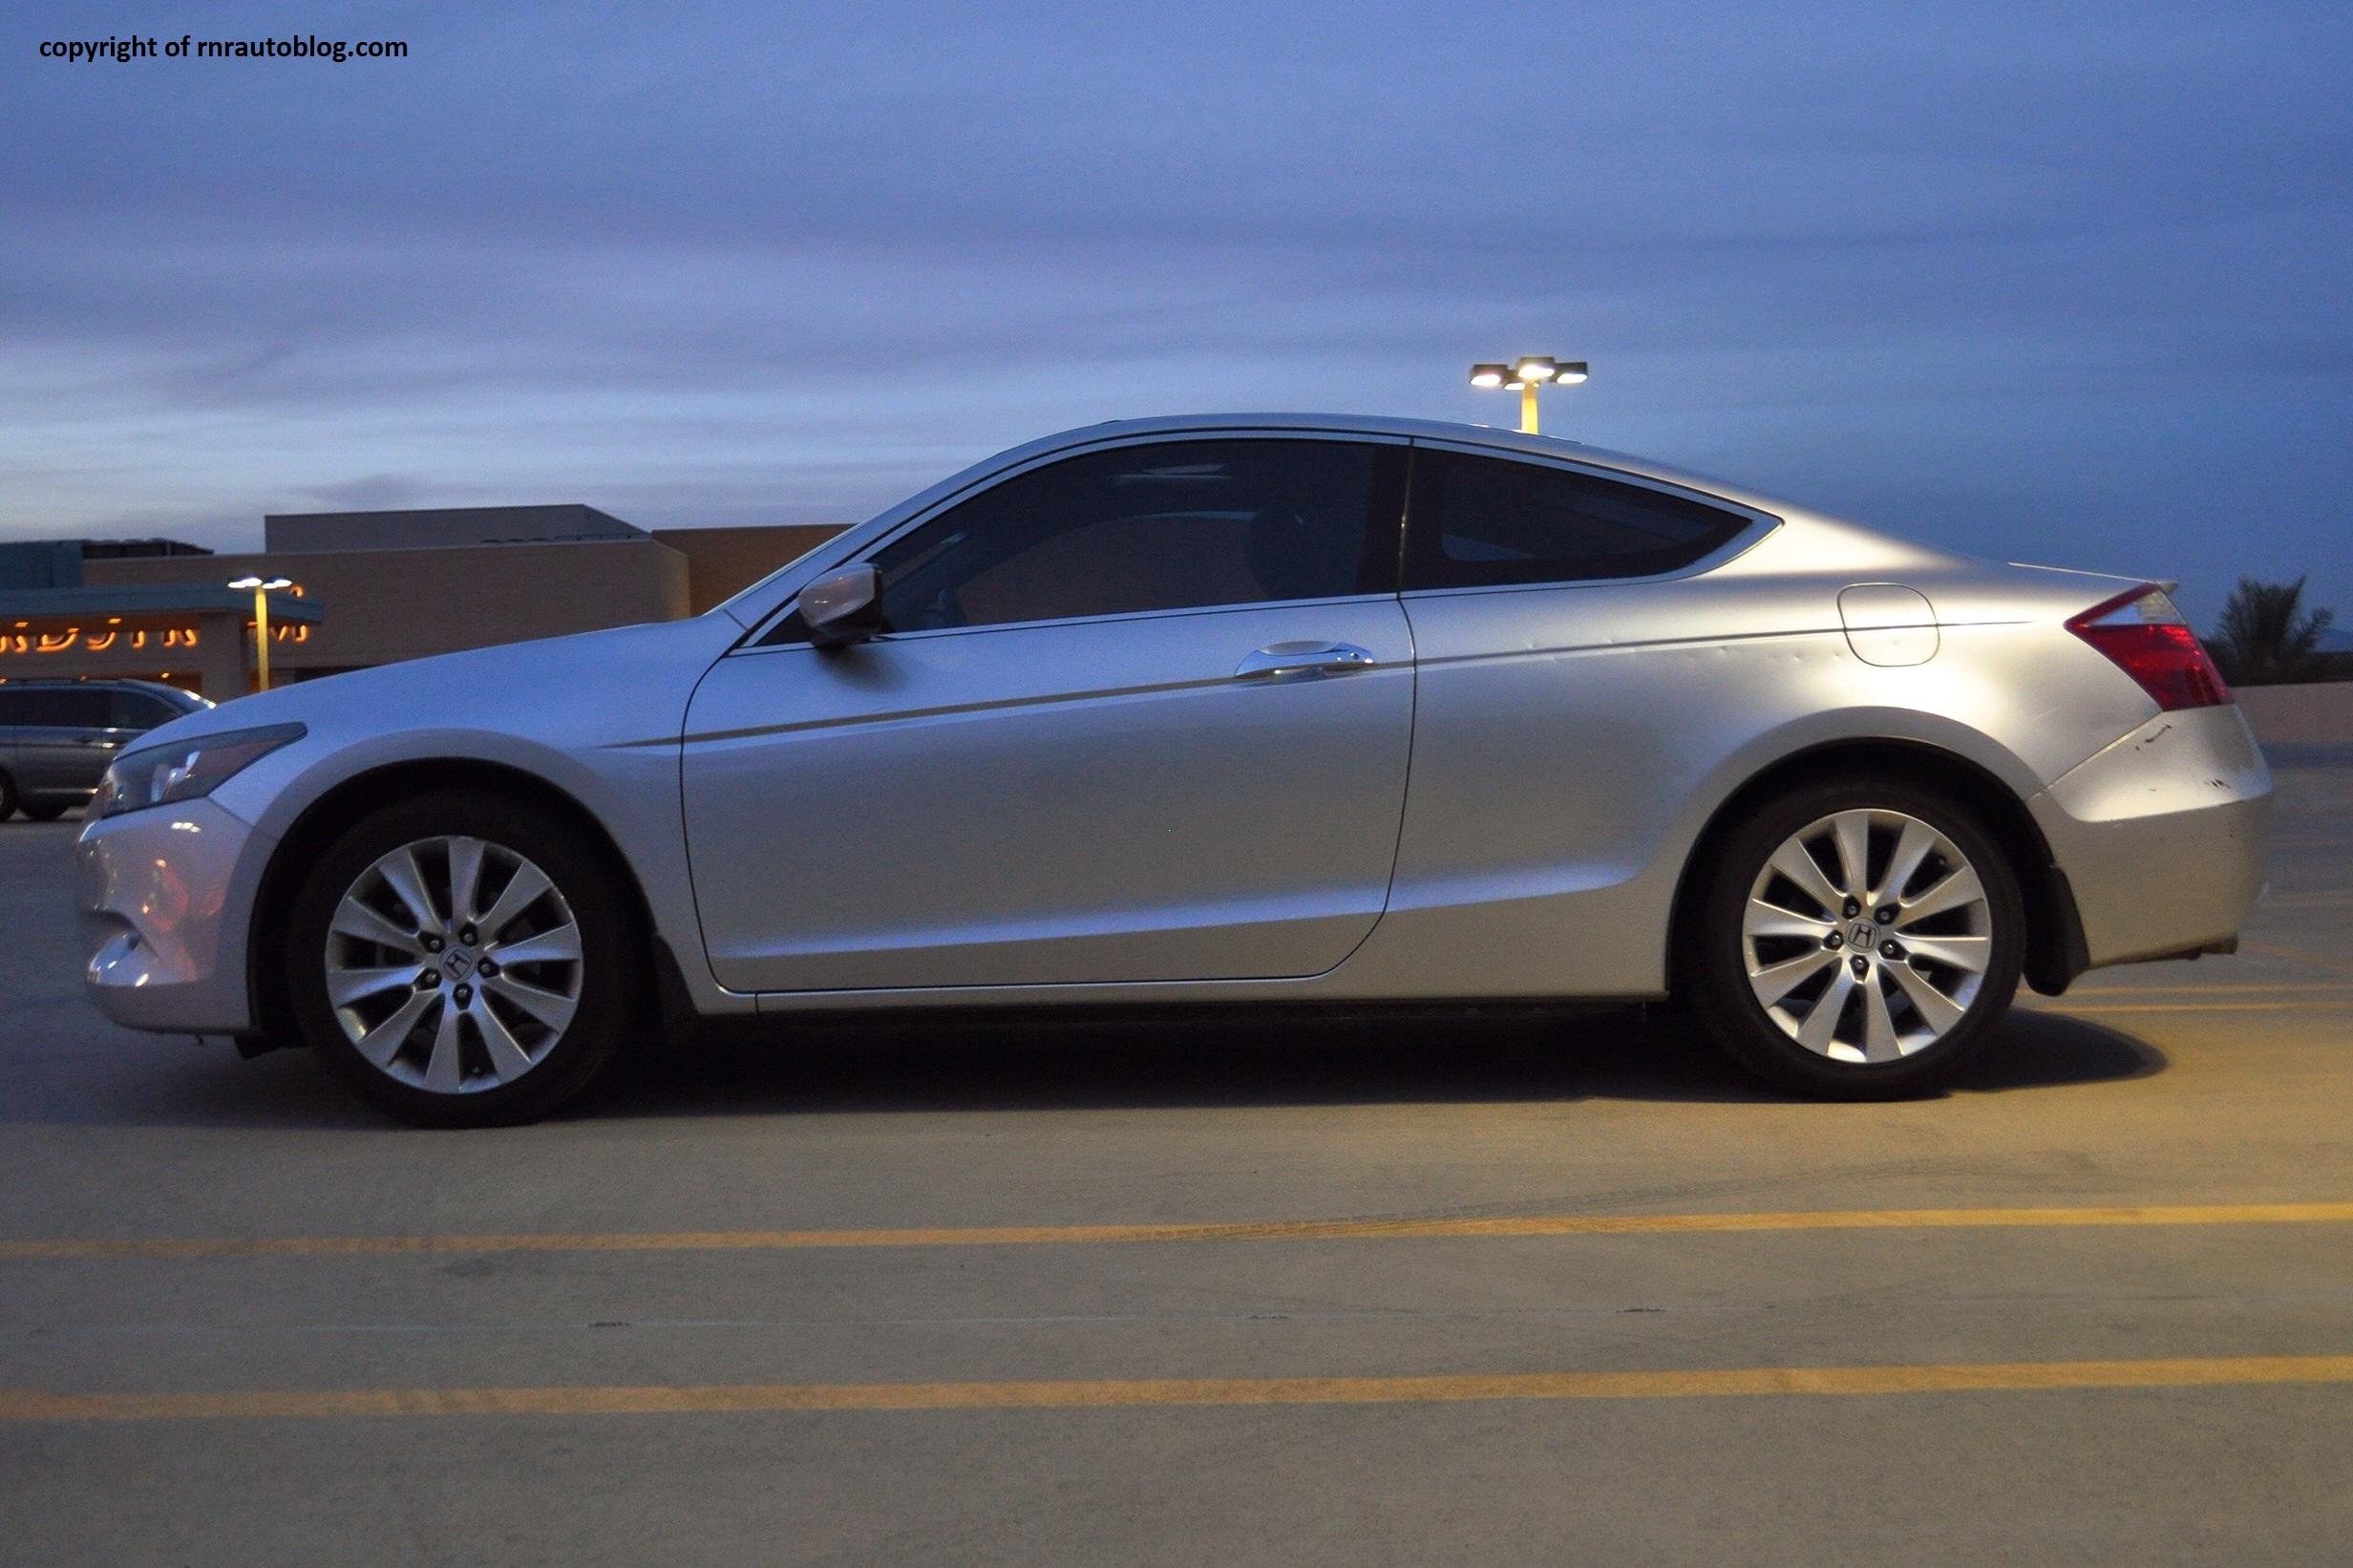 Honda Accord 2014 Coupe V6 >> 2008 Honda Accord EXL V6 Coupe | RNR Automotive Blog